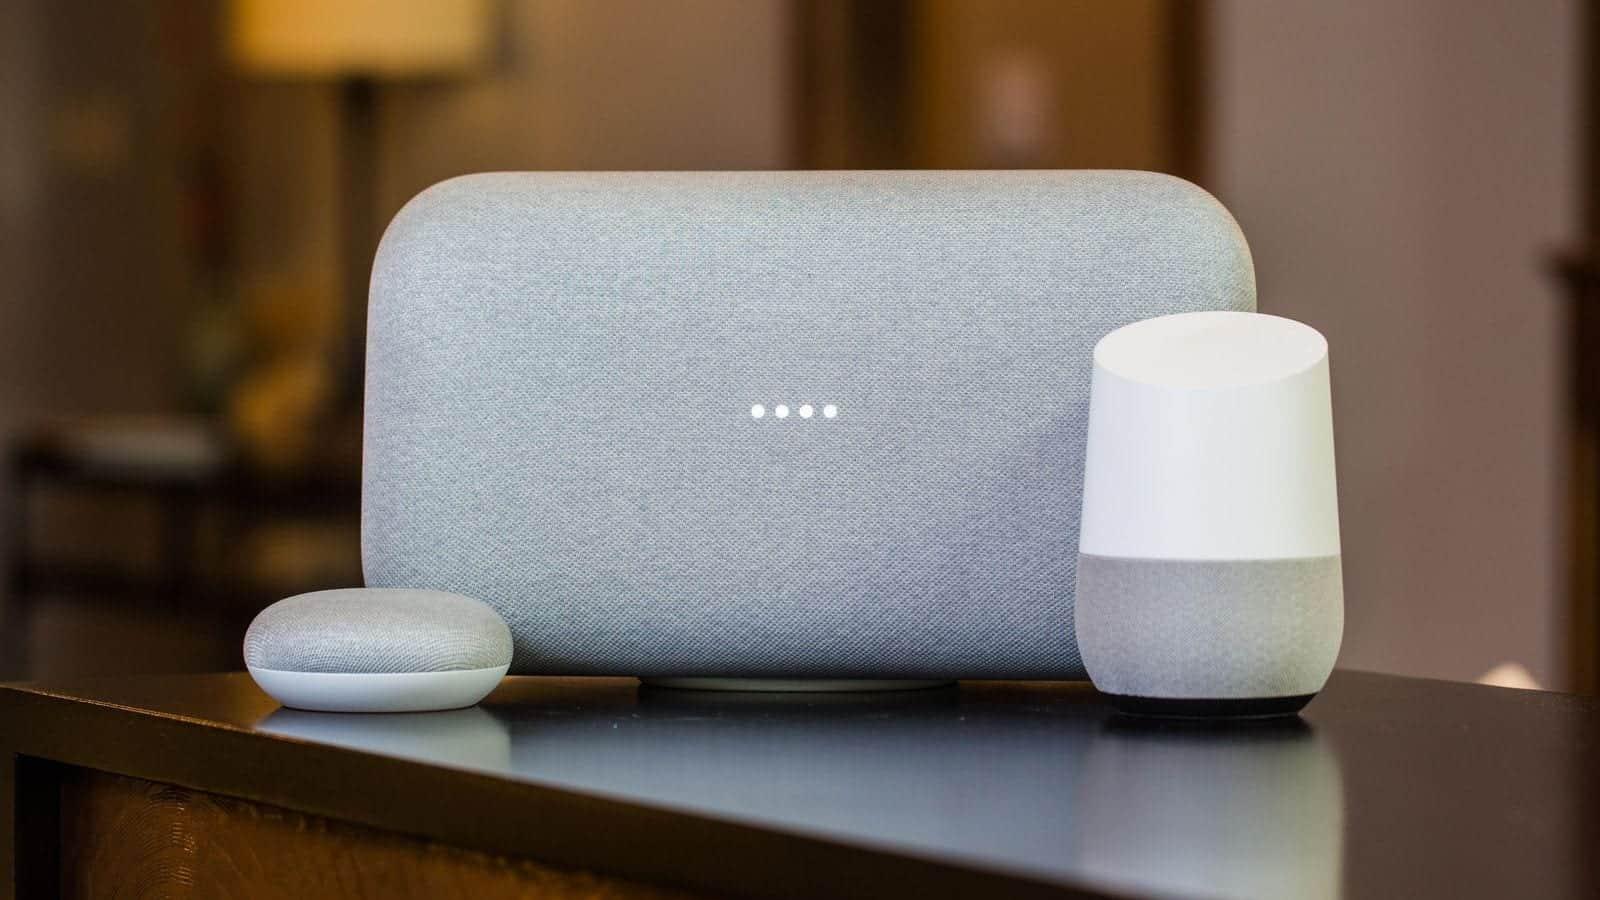 A smart sound system